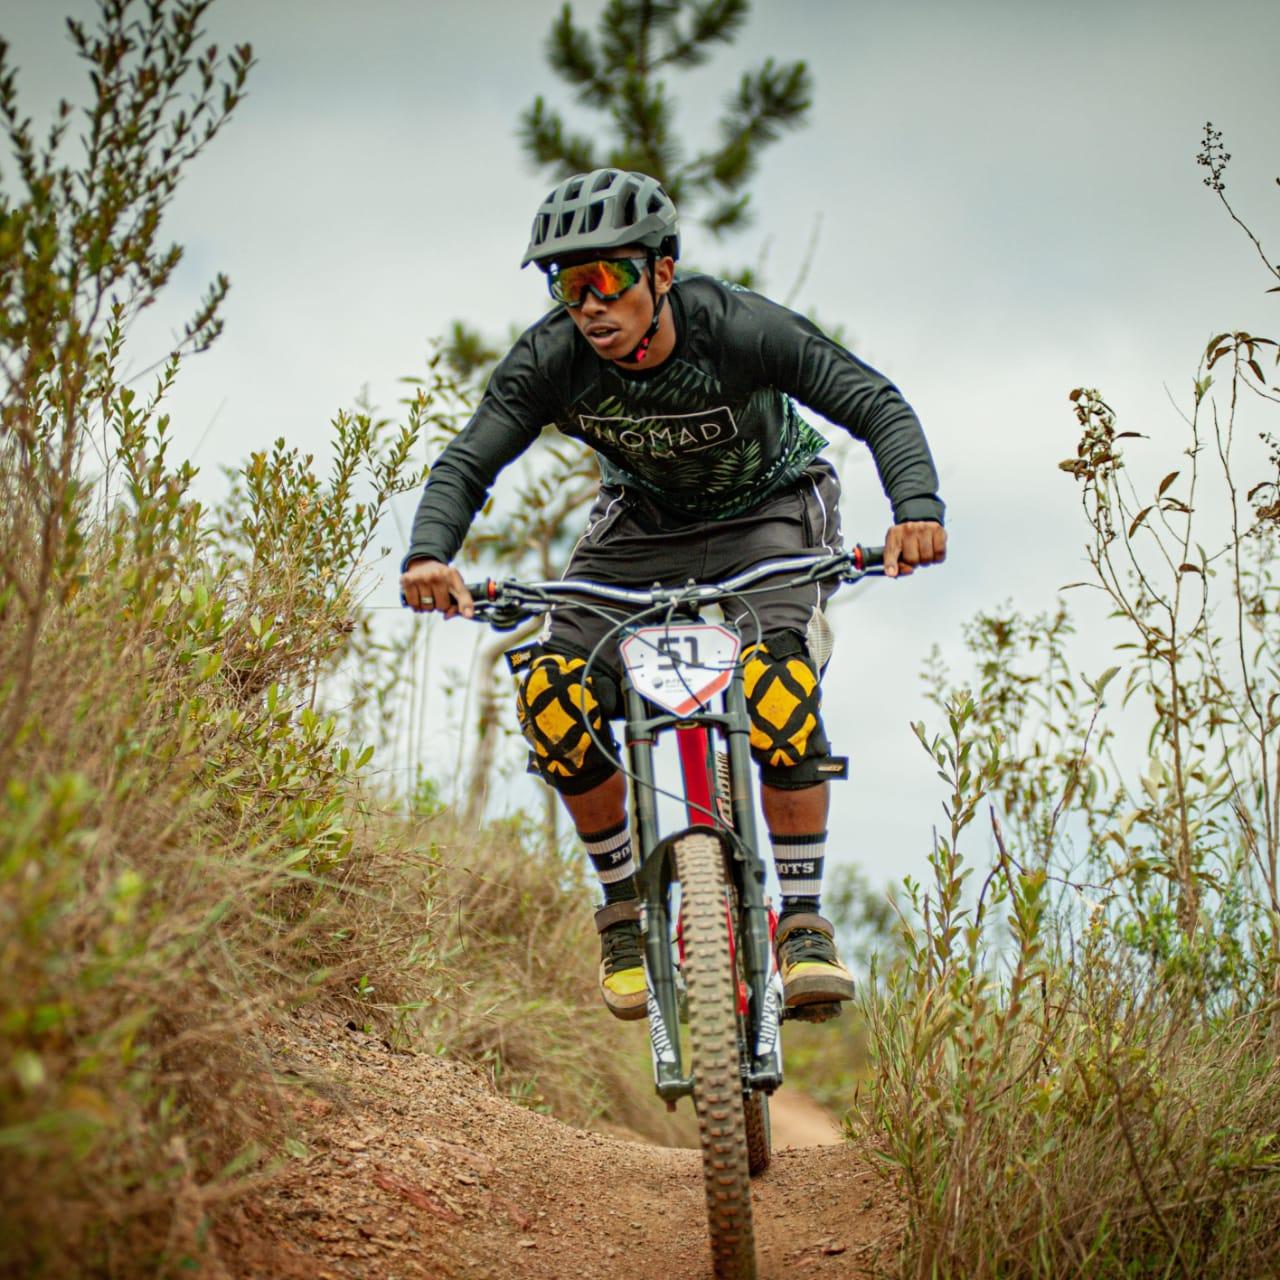 Jovem atleta de Lagoa Santa na modalidade Downhill é exemplo de força, garra e determinação